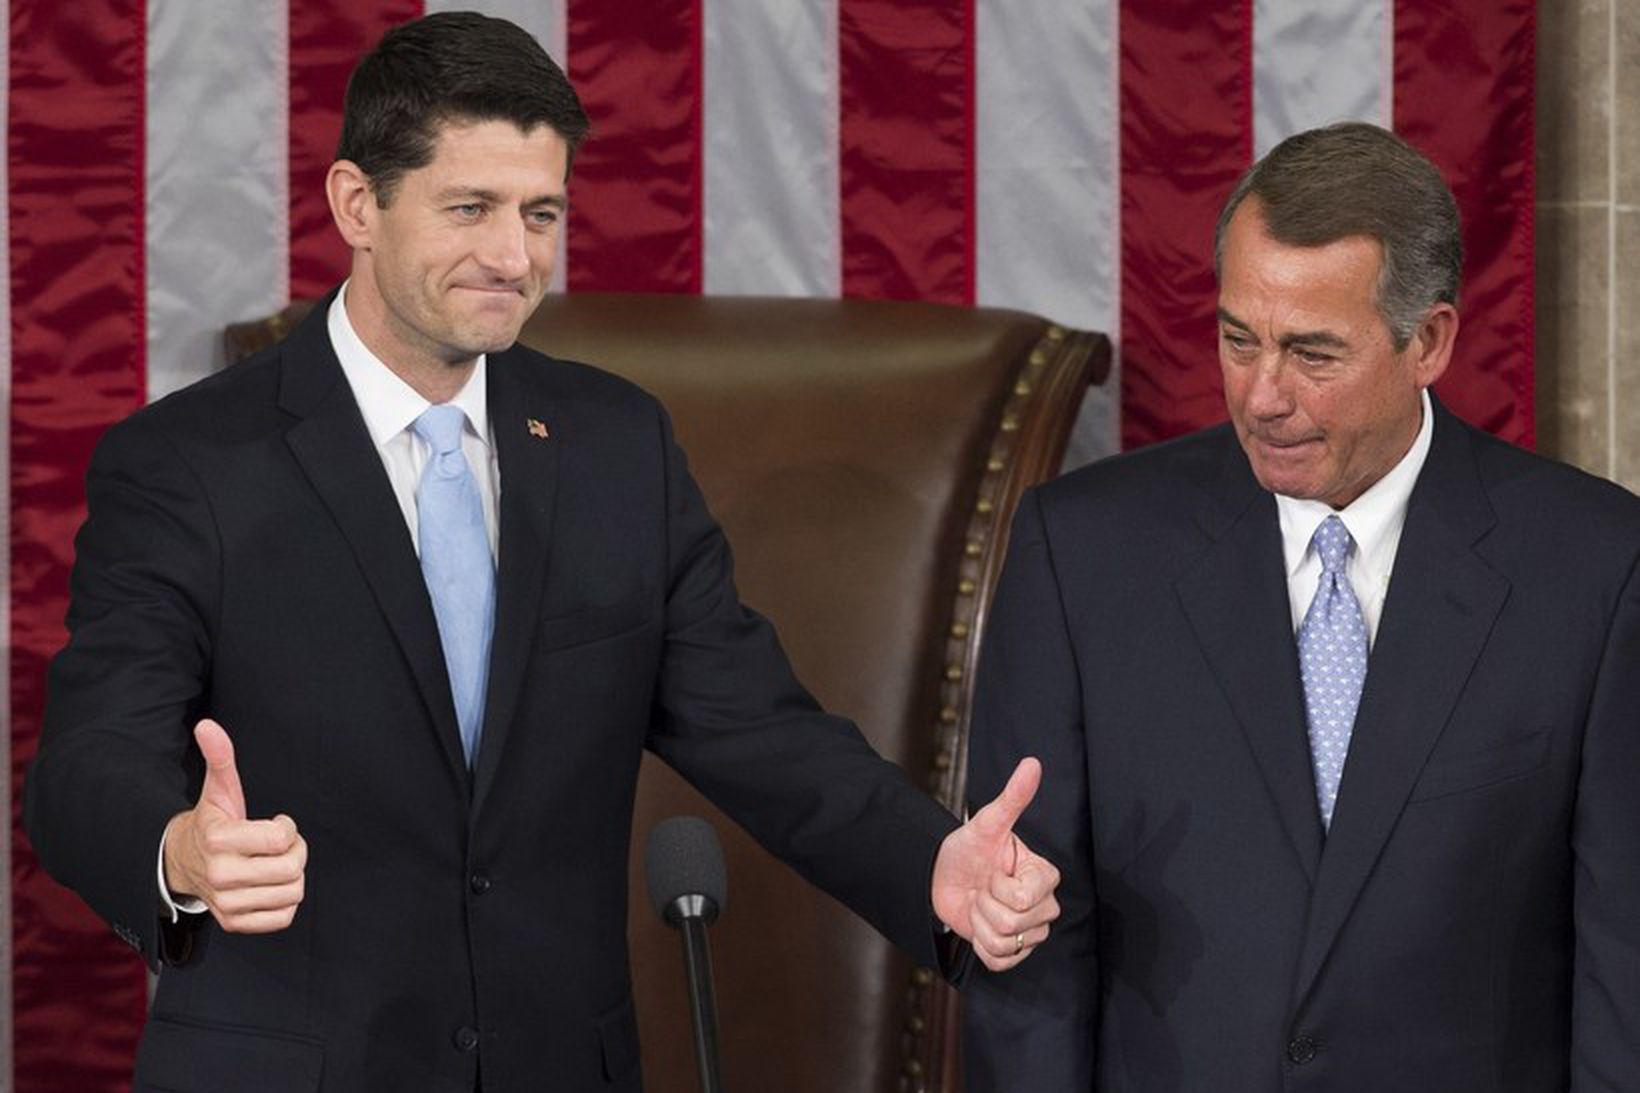 Nýkjörinn forseti fulltrúadeildarinnar Paul Ryan (t.v.) ásamt fráfarandi forsetanum John …